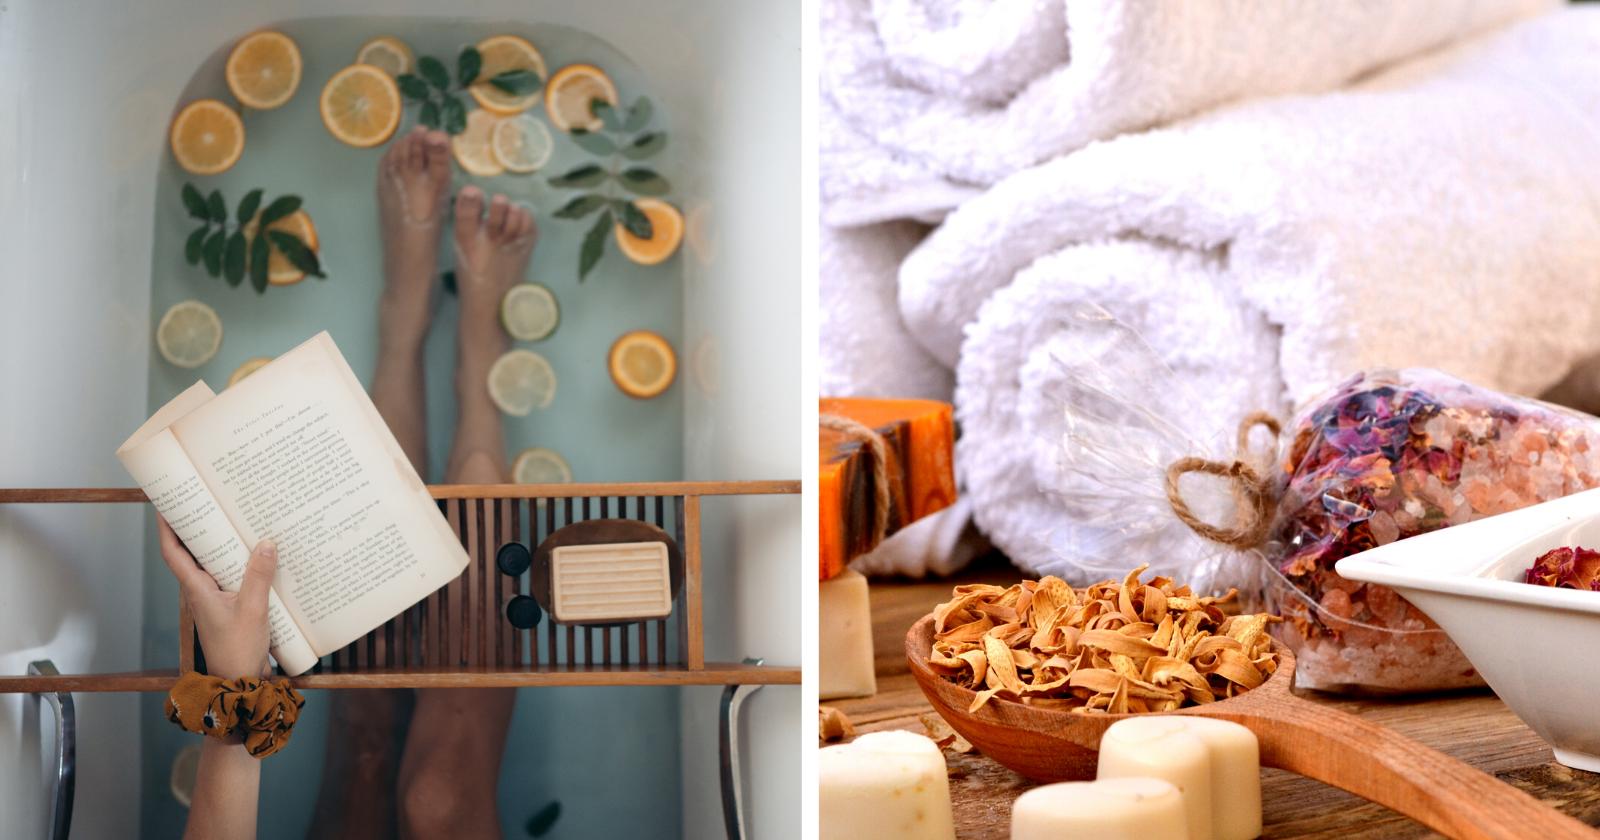 banhos-poderosos-equilibrio-espiritual